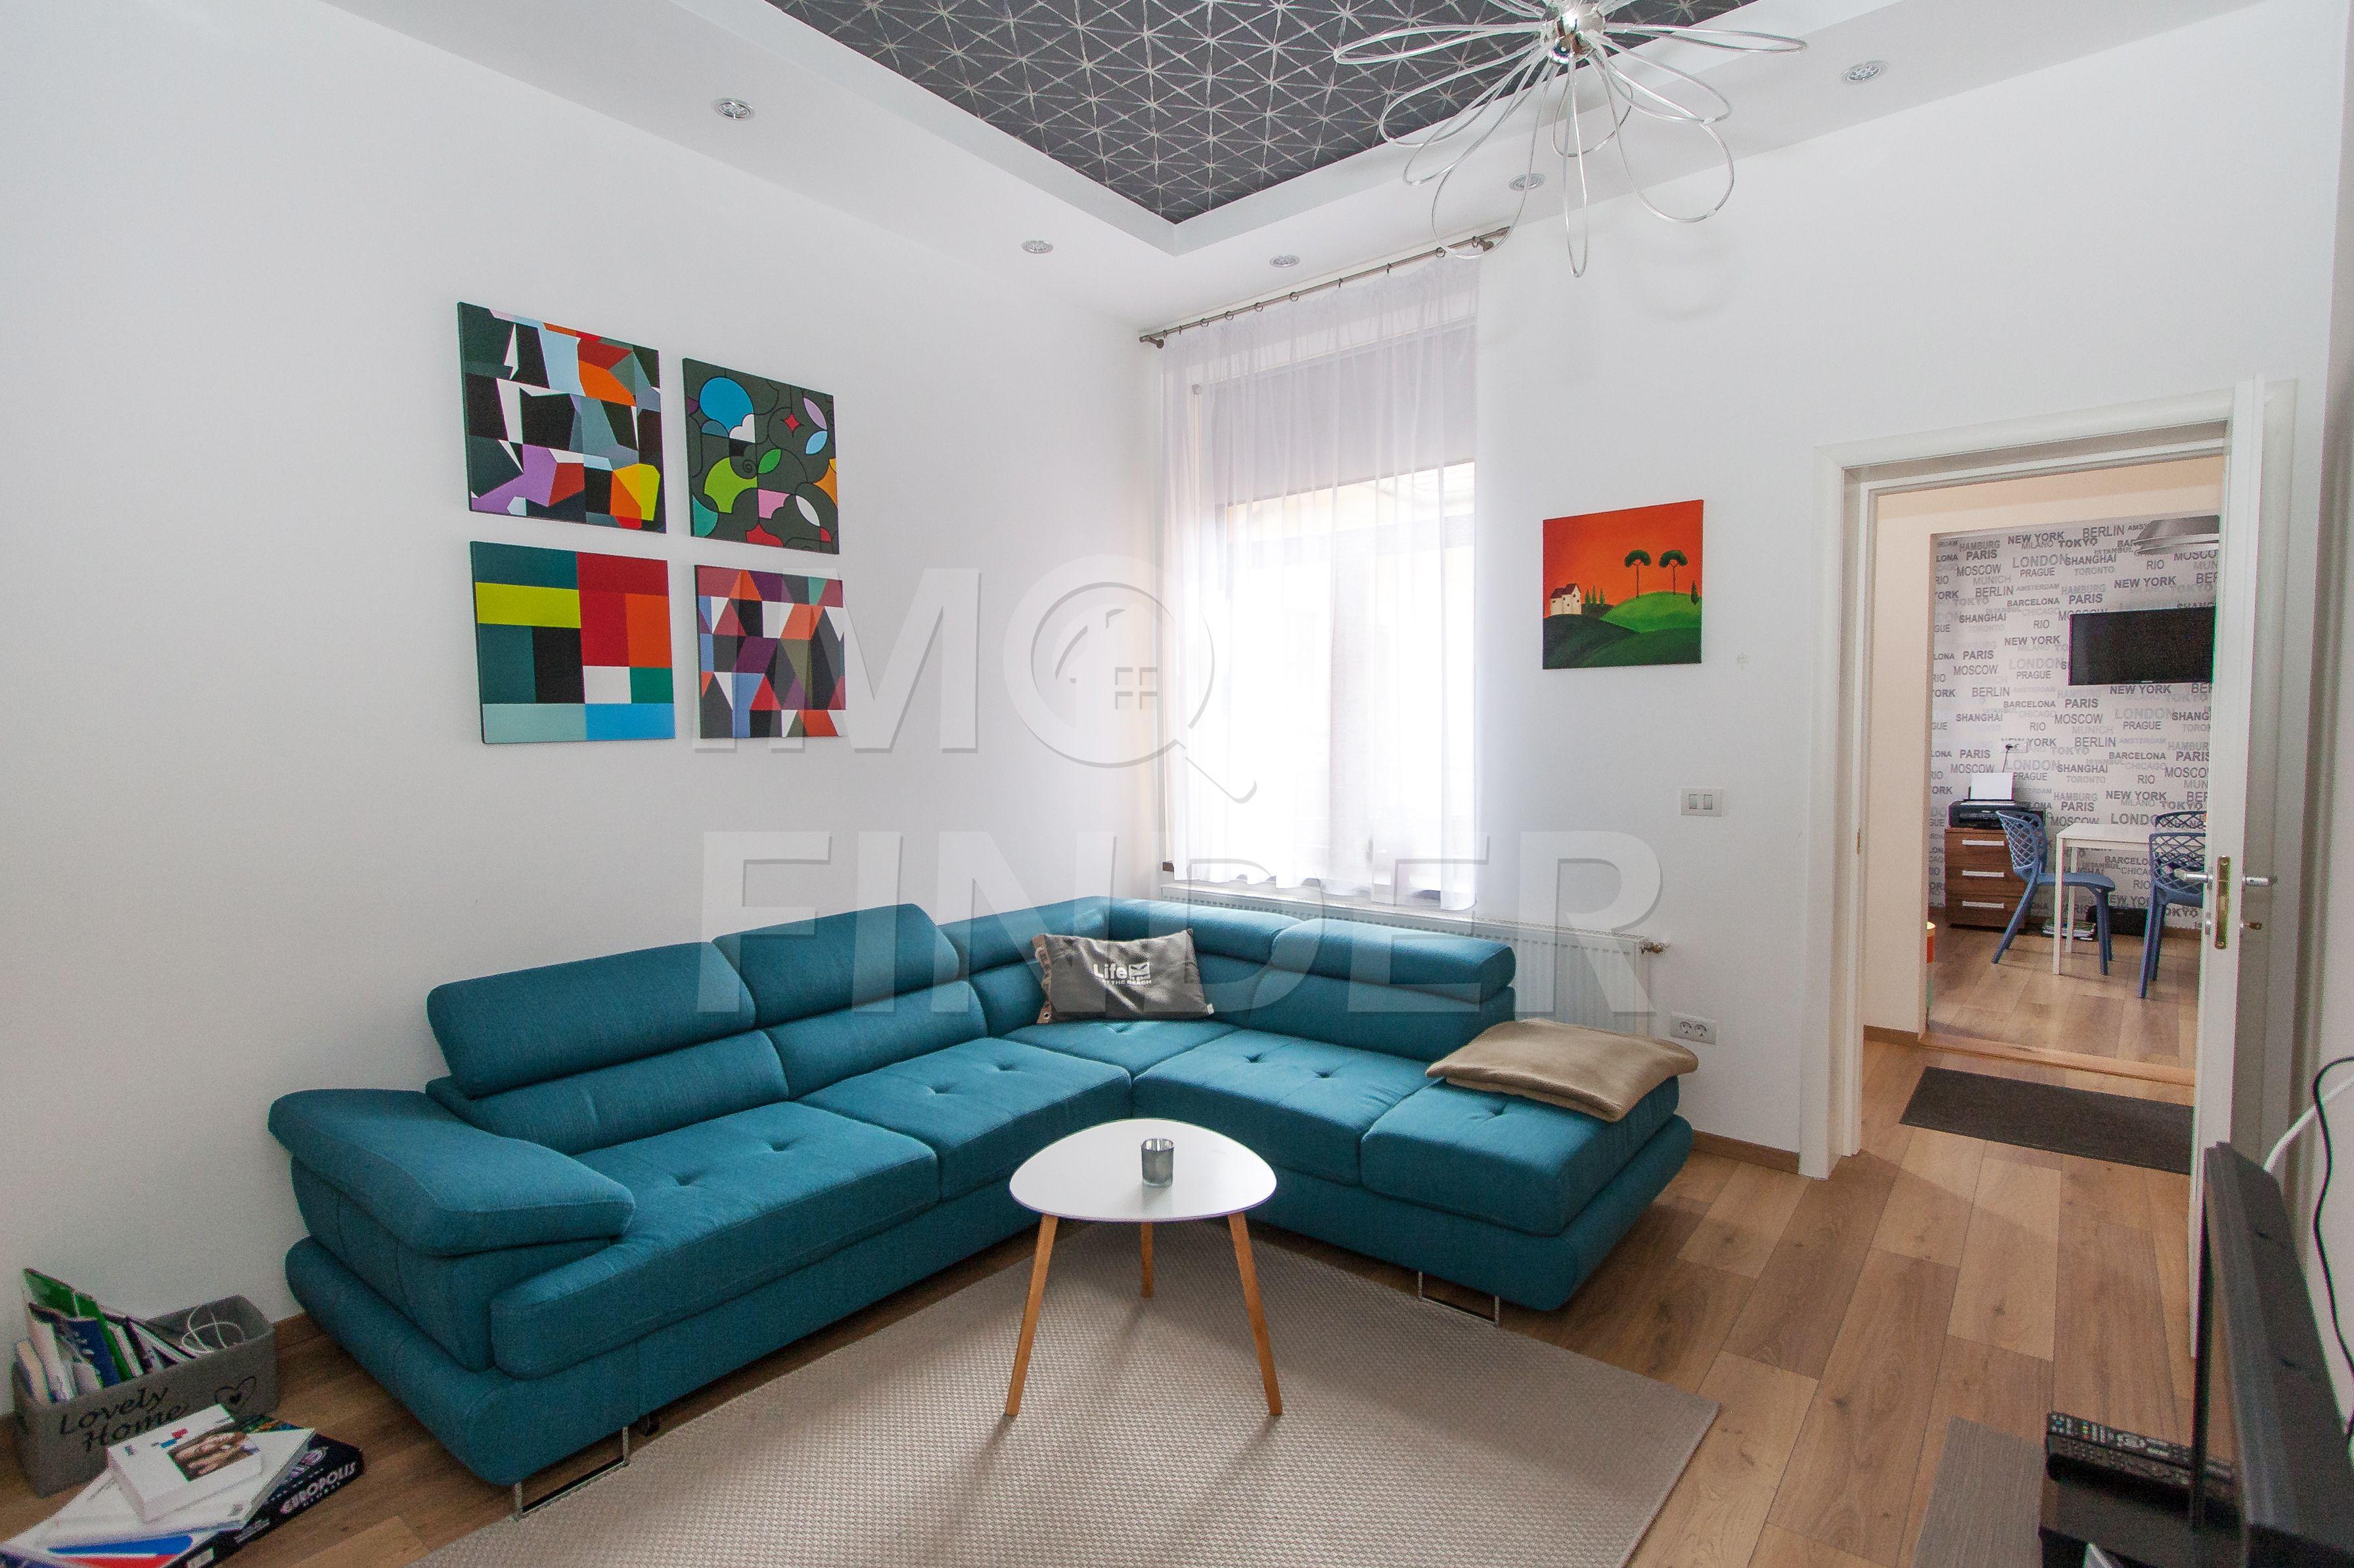 Vanzare apartament 4 camere, predare la cheie, zona Piata Muzeului